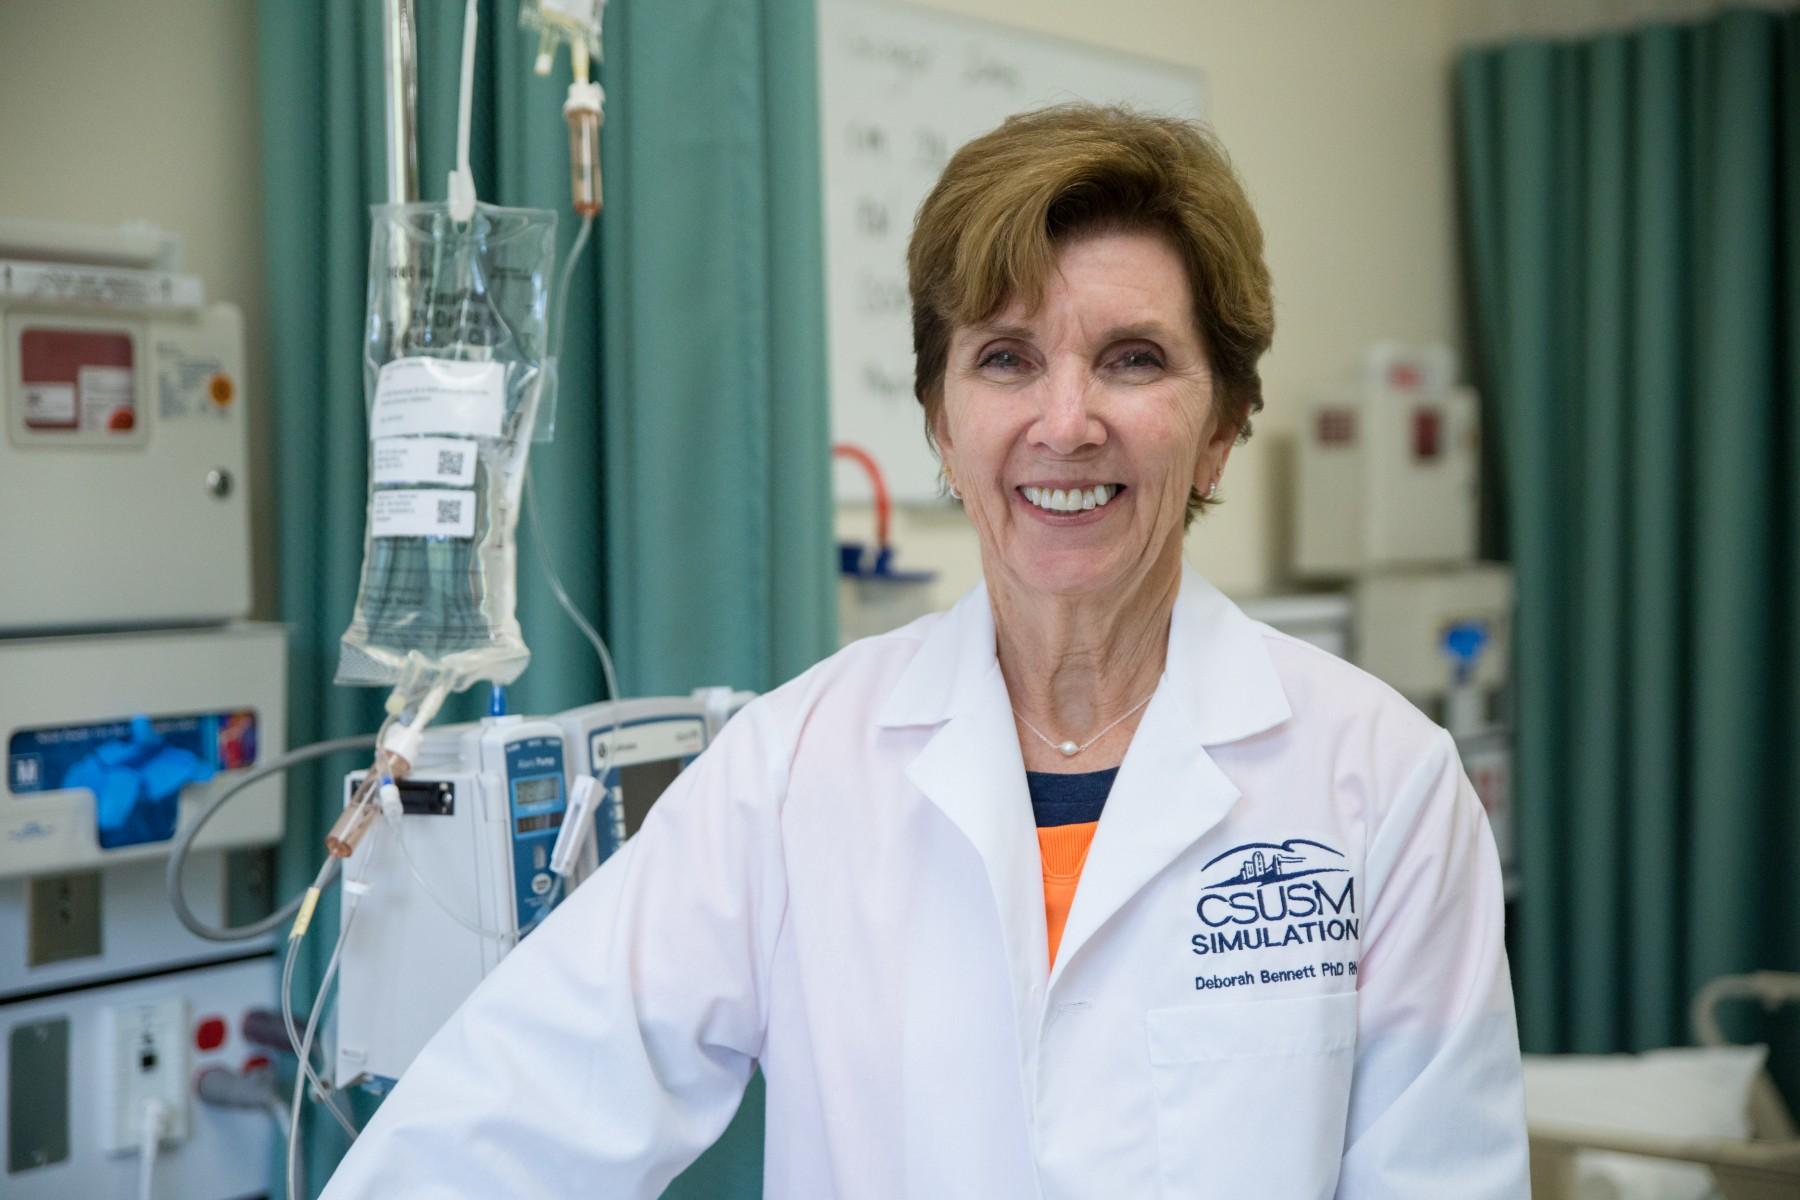 CSUSM instructor and Nursing Simulation Director Deborah Bennett